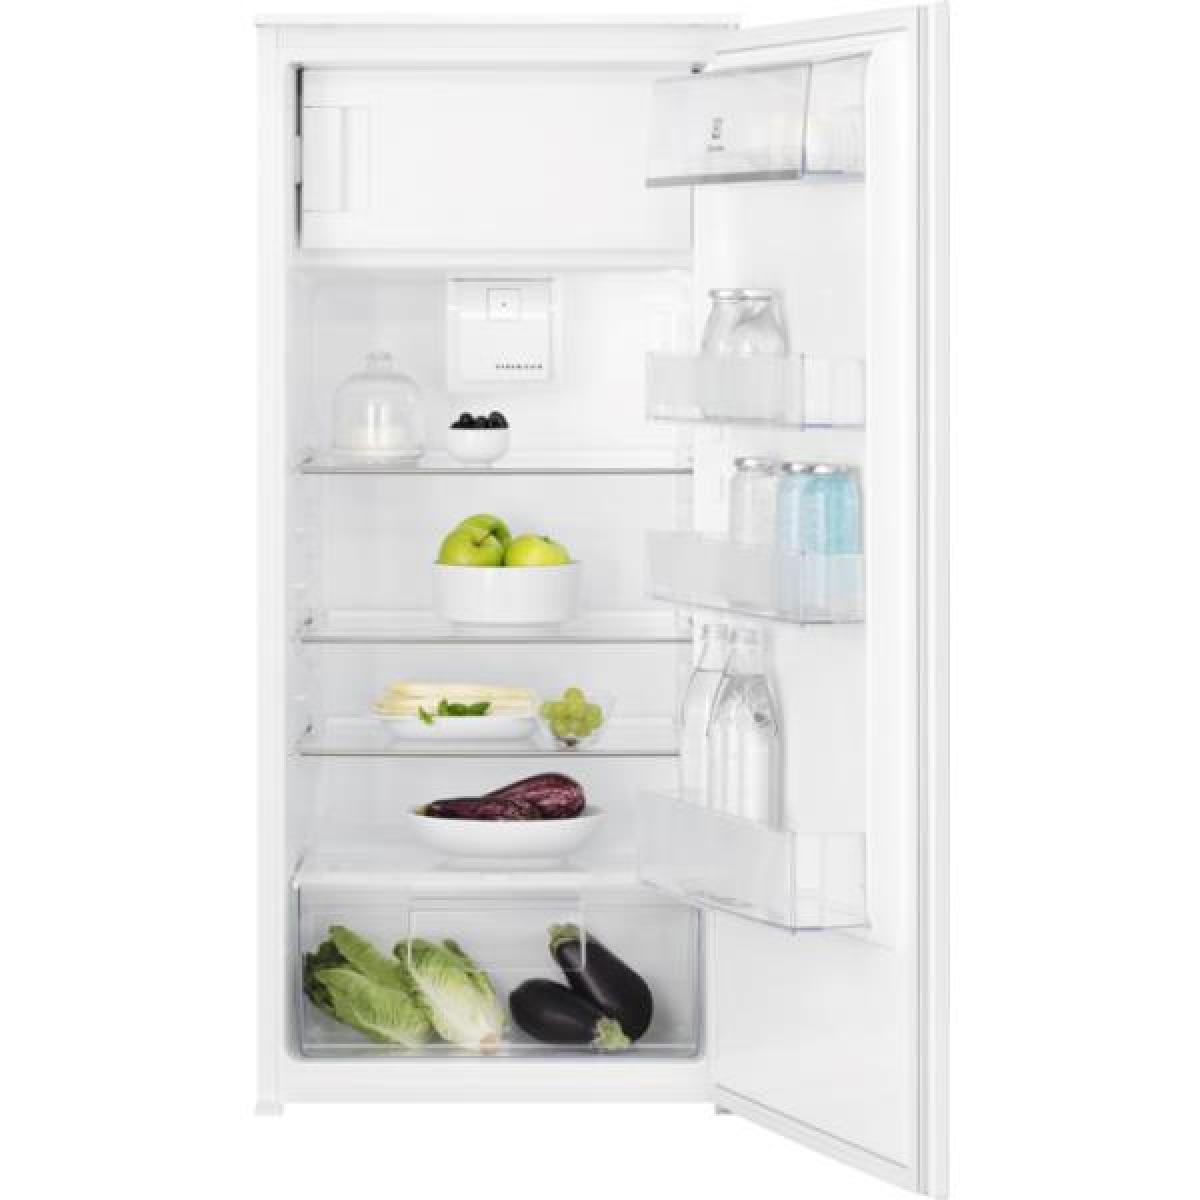 Electrolux Réfrigérateur 1 porte 173L ELECTROLUX 54.8cm A++, LFB3DF12S